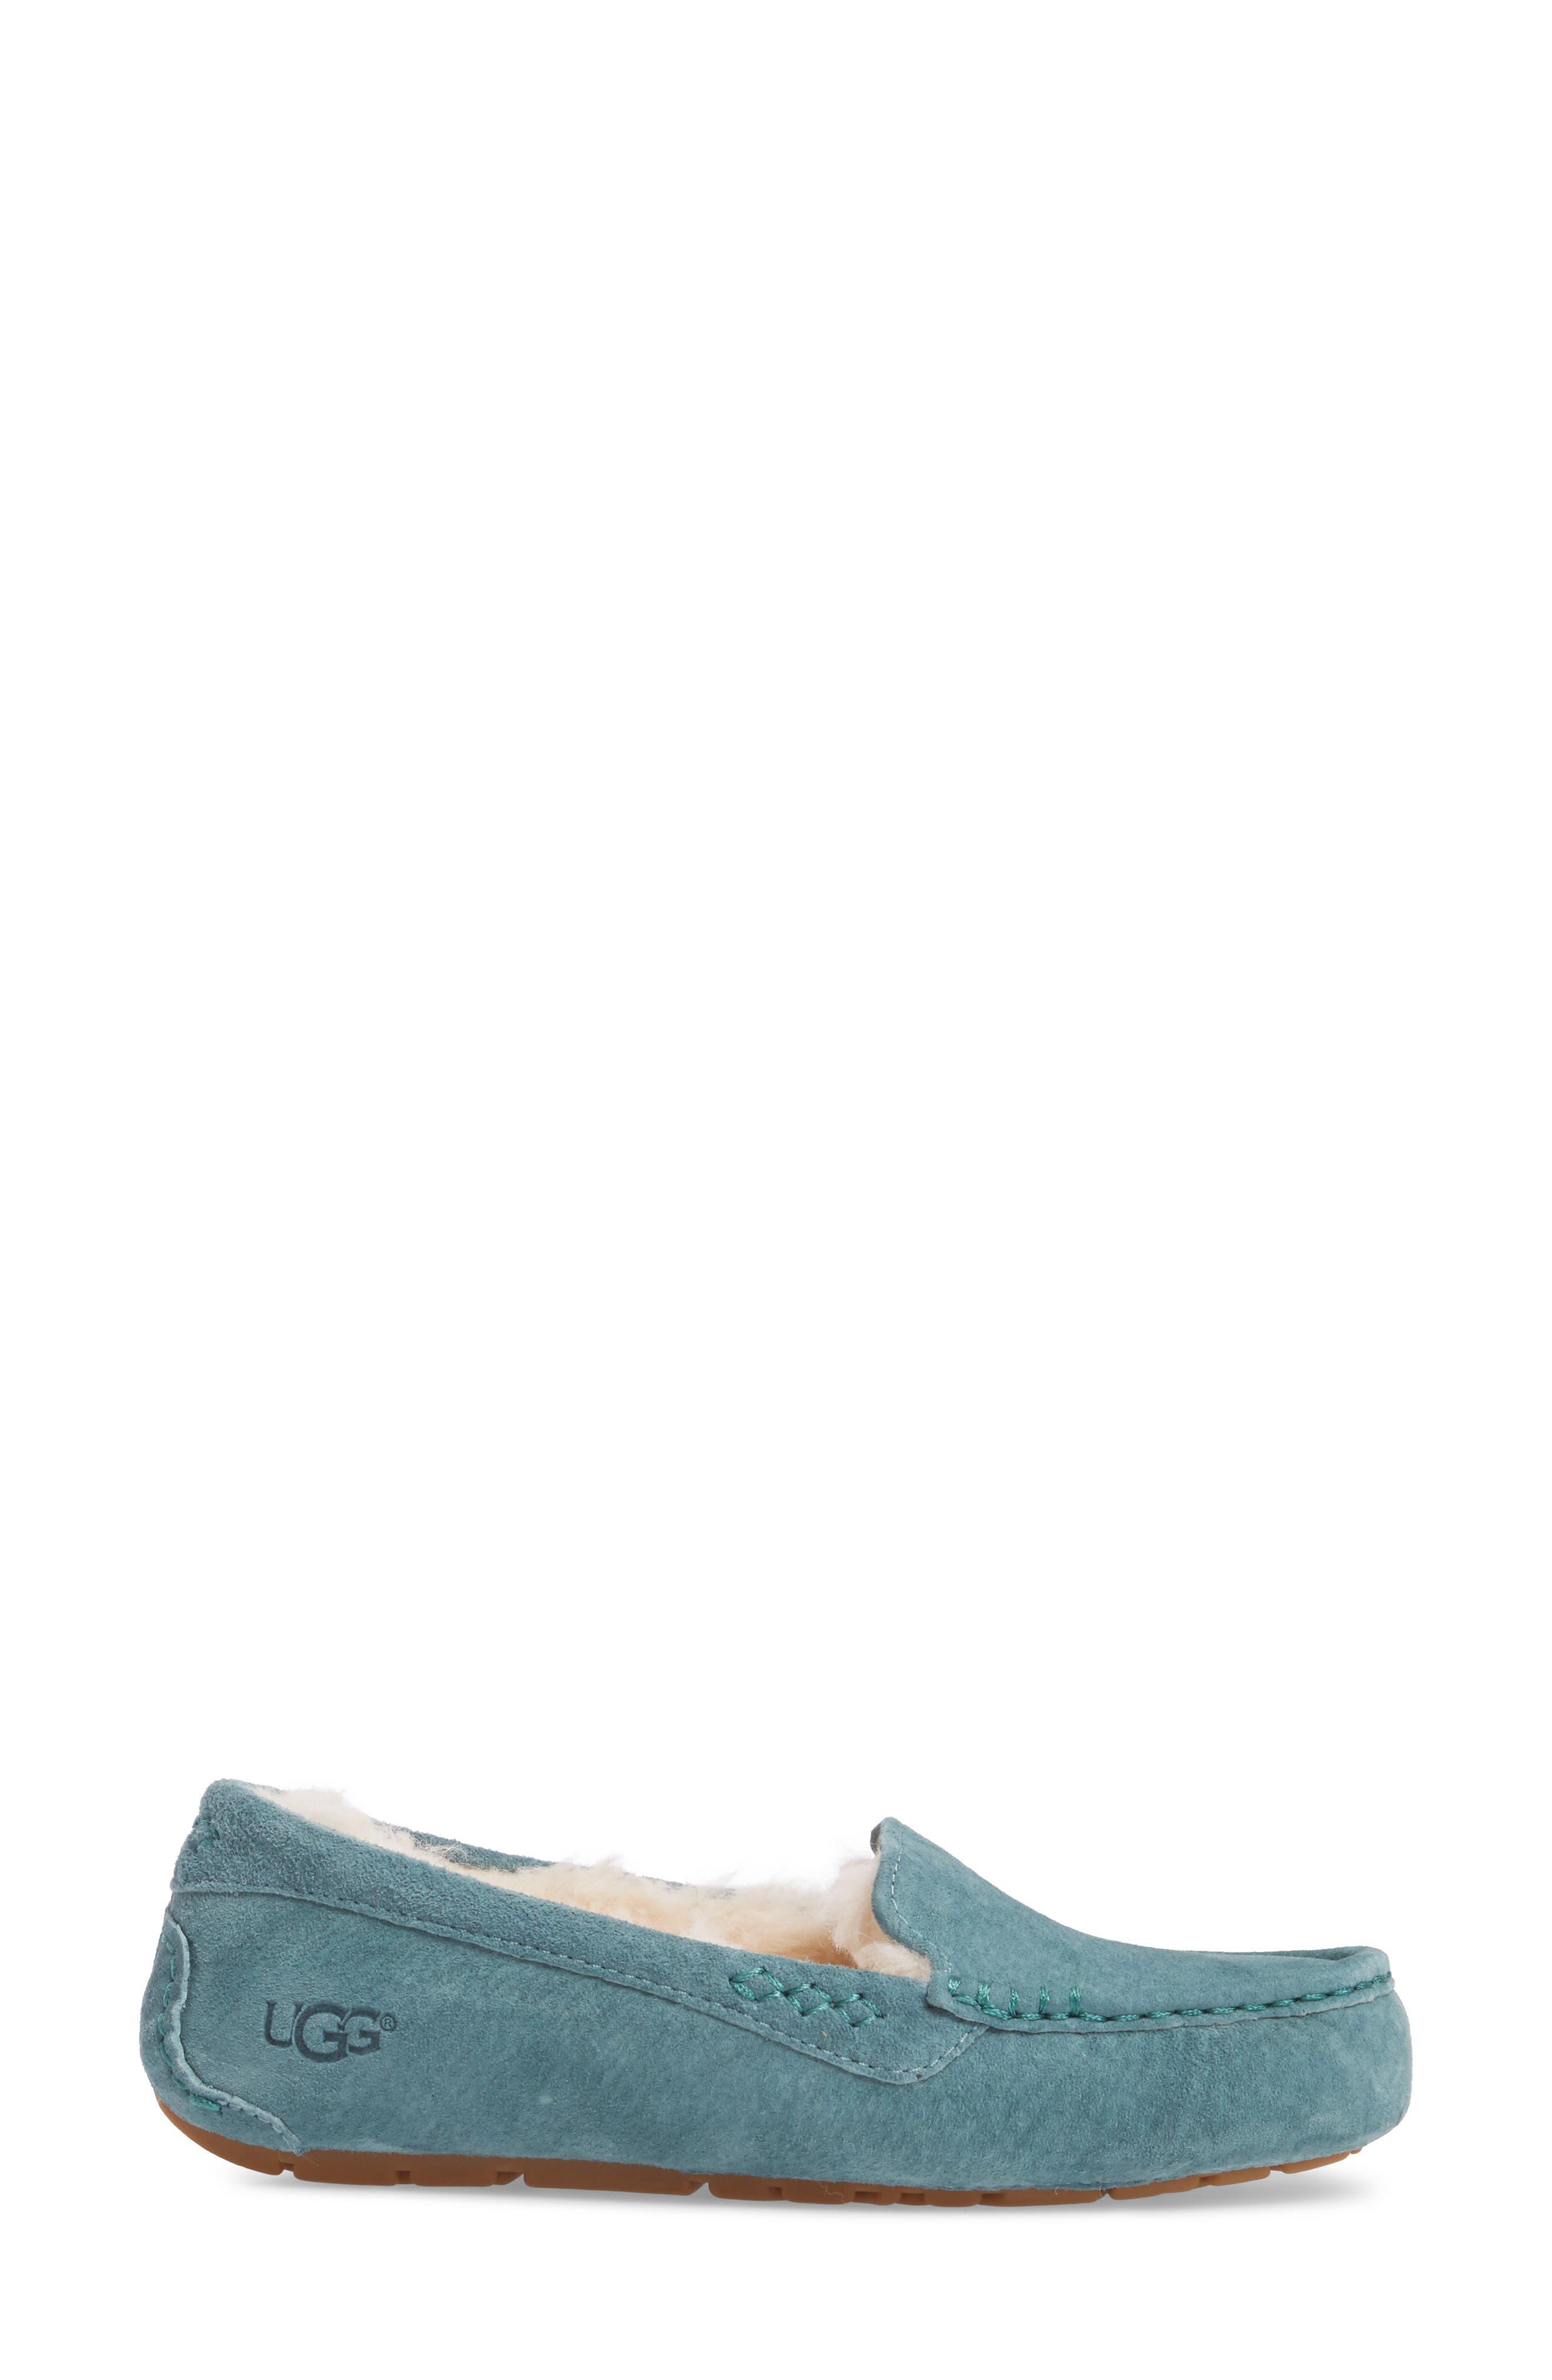 Alternate Image 3  - UGG® Ansley Water Resistant Slipper (Women)